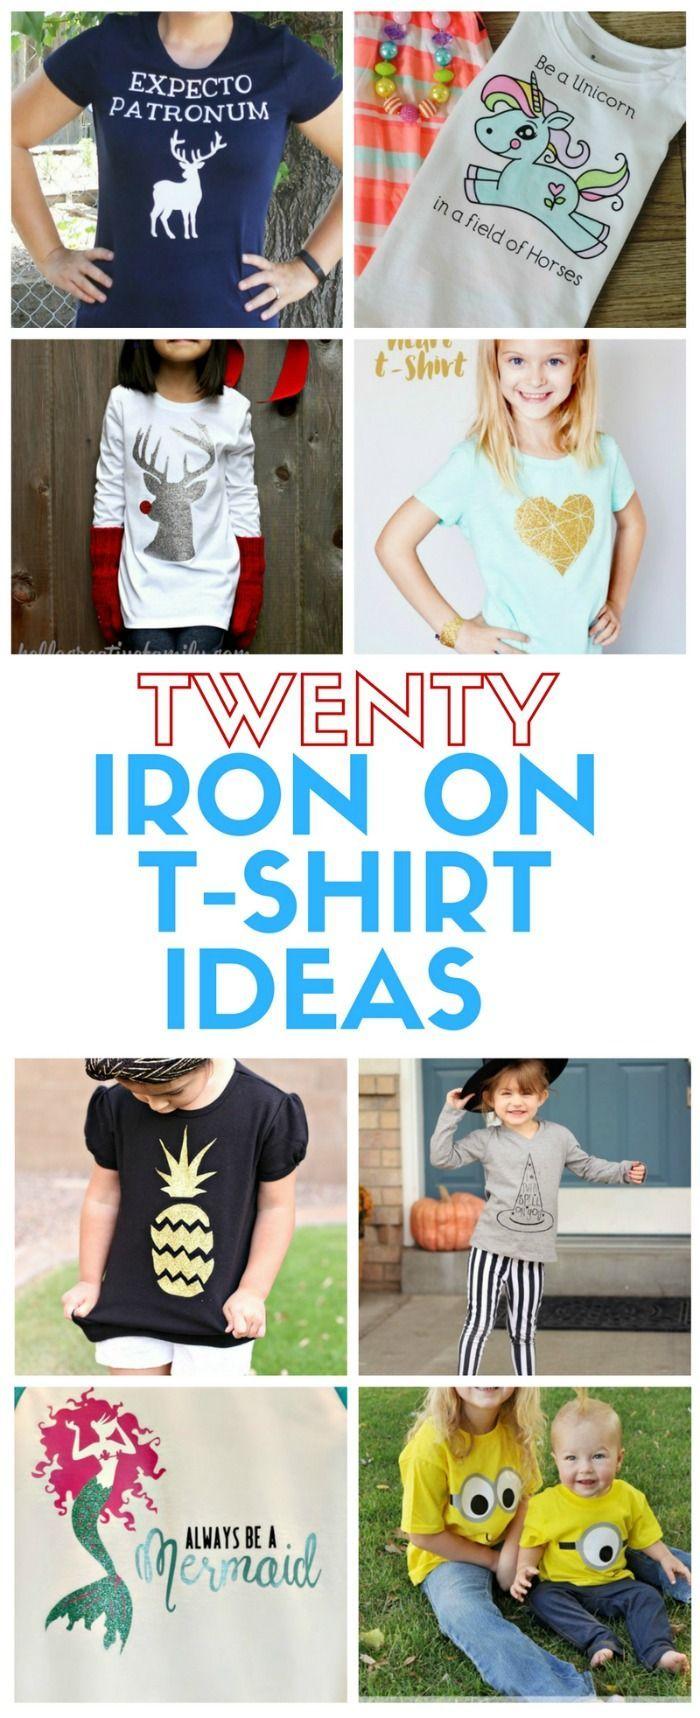 88d38926252ede059b78babefb9a55d5 homemade shirts shirt designs